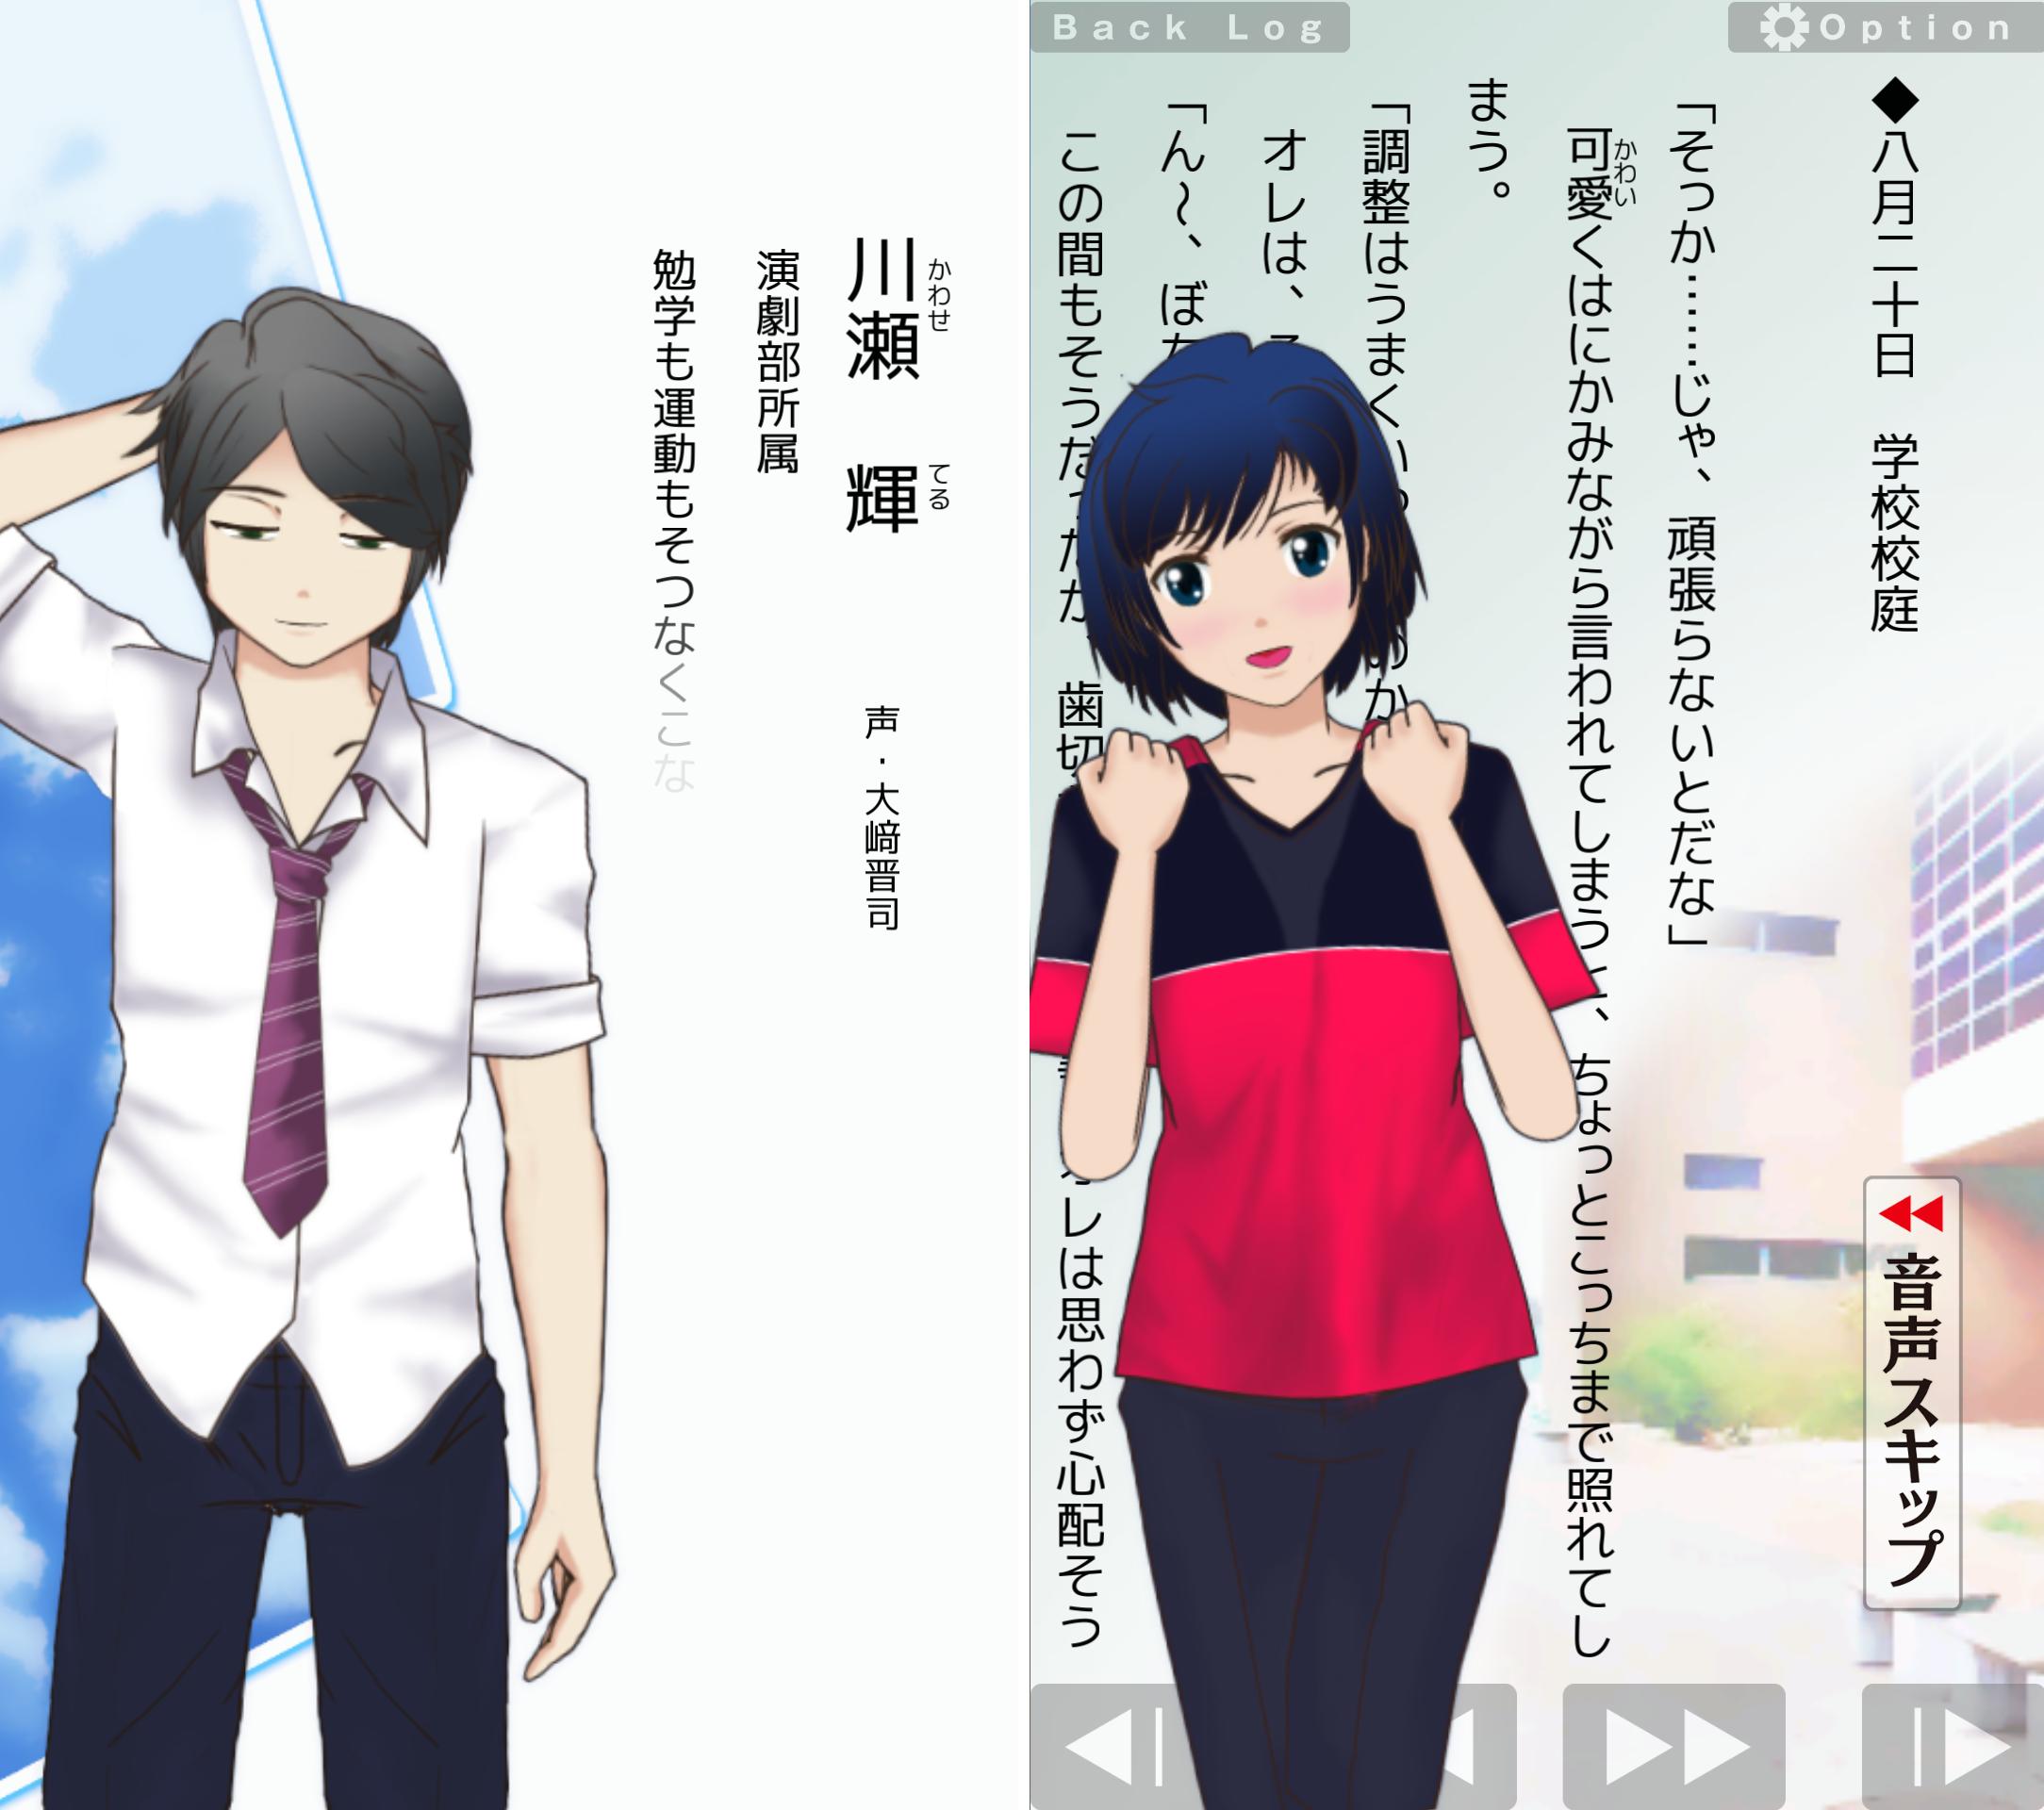 夏恋 karen 〝好き〟から始まる物語 androidアプリスクリーンショット2